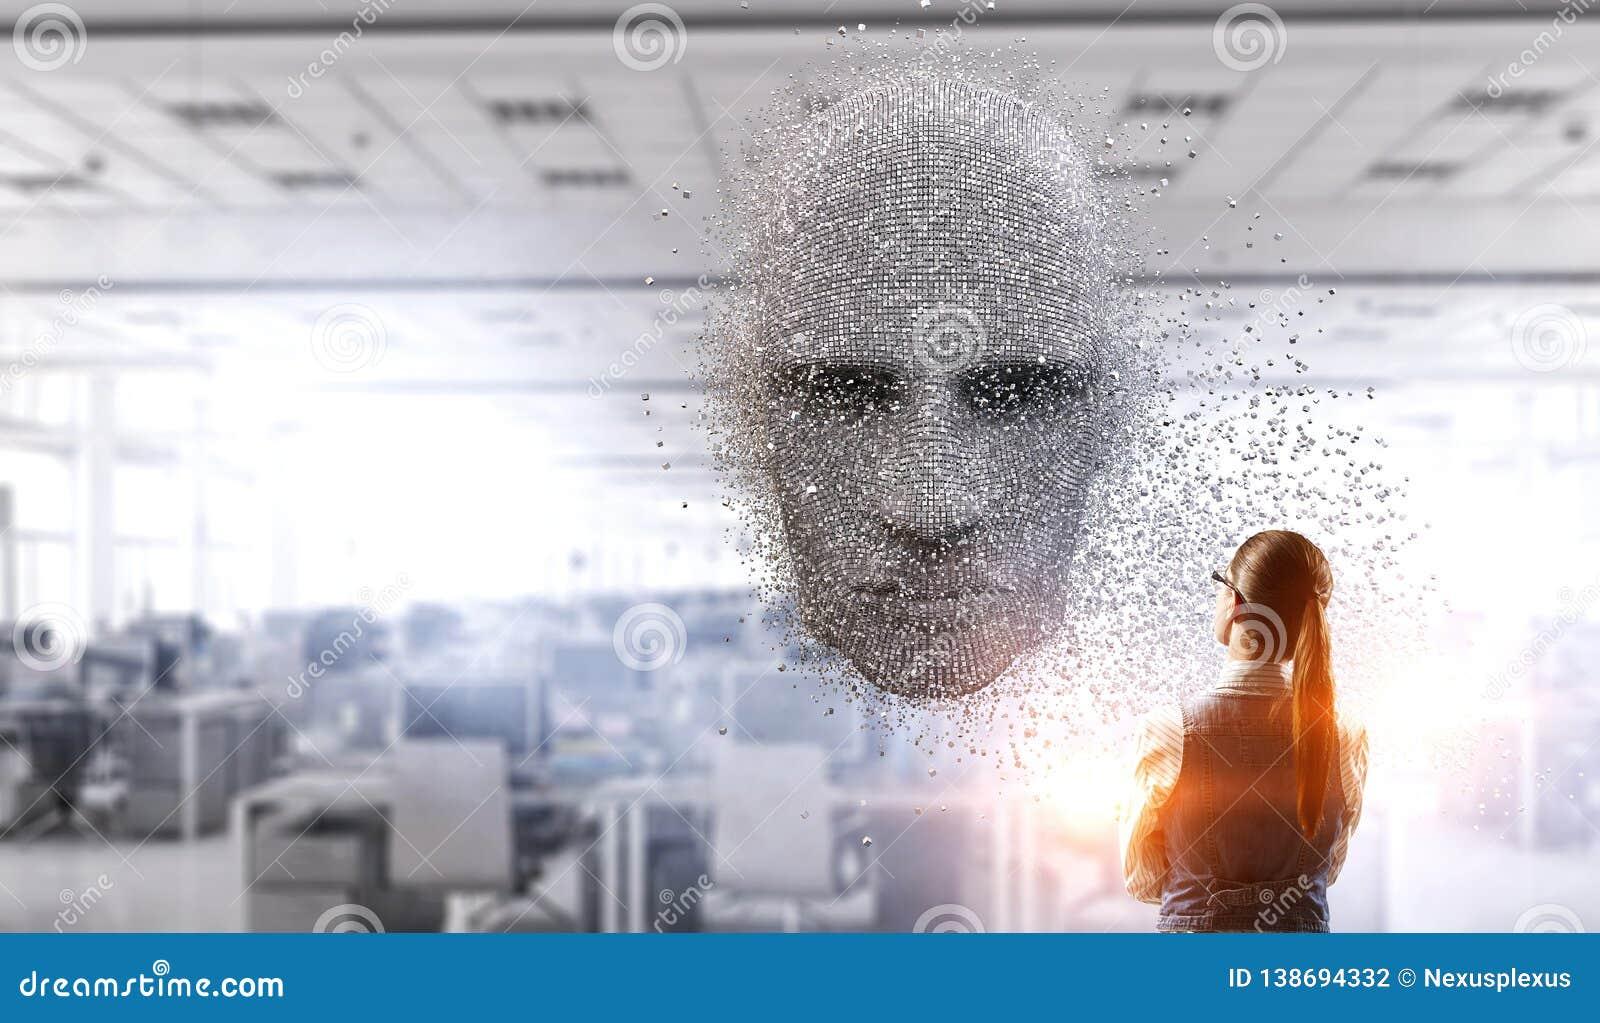 人工智能和未来技术 混合画法